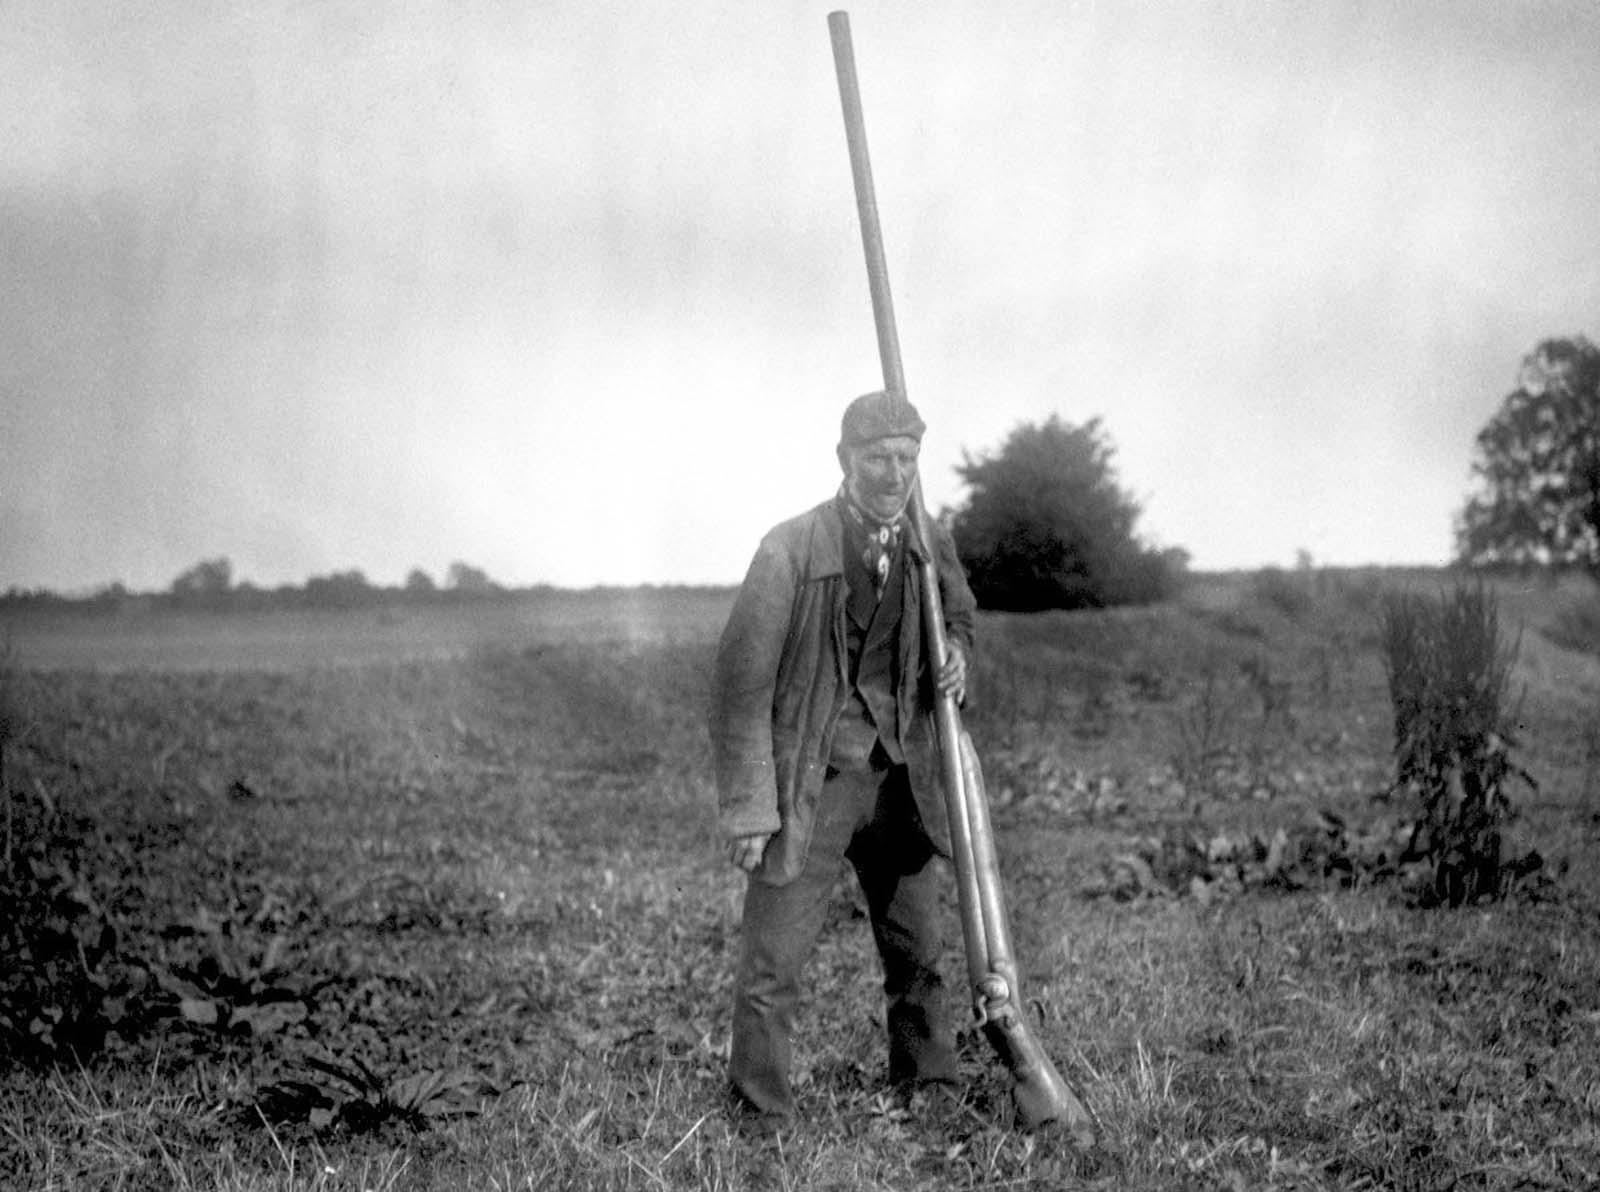 Comparación del tamaño de un hombre y un arma de despeje. 1910.